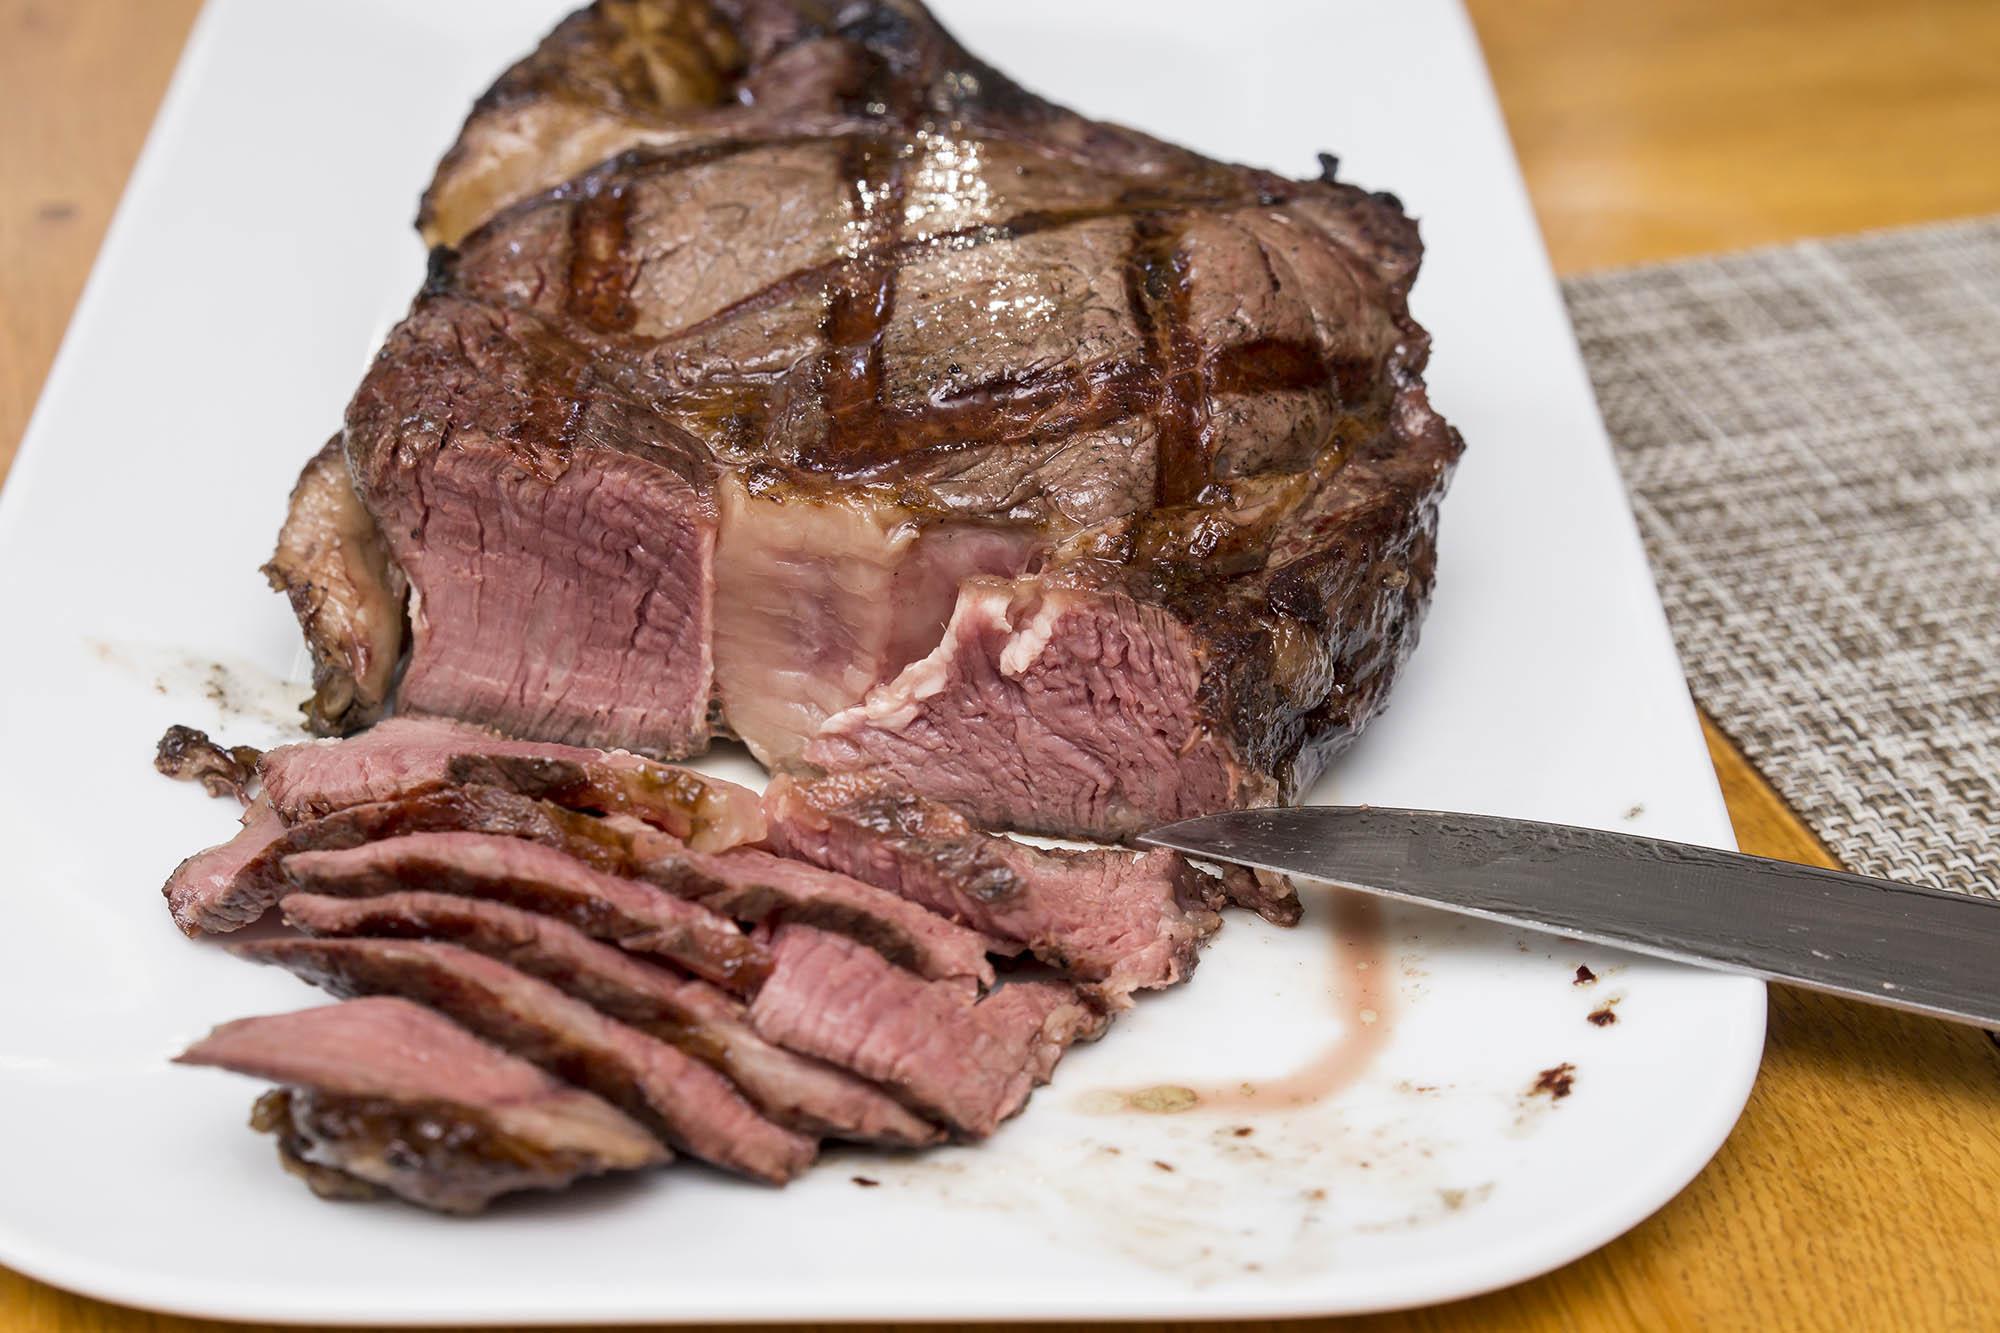 Tomahawk Steak 01 - 008 klein.jpg